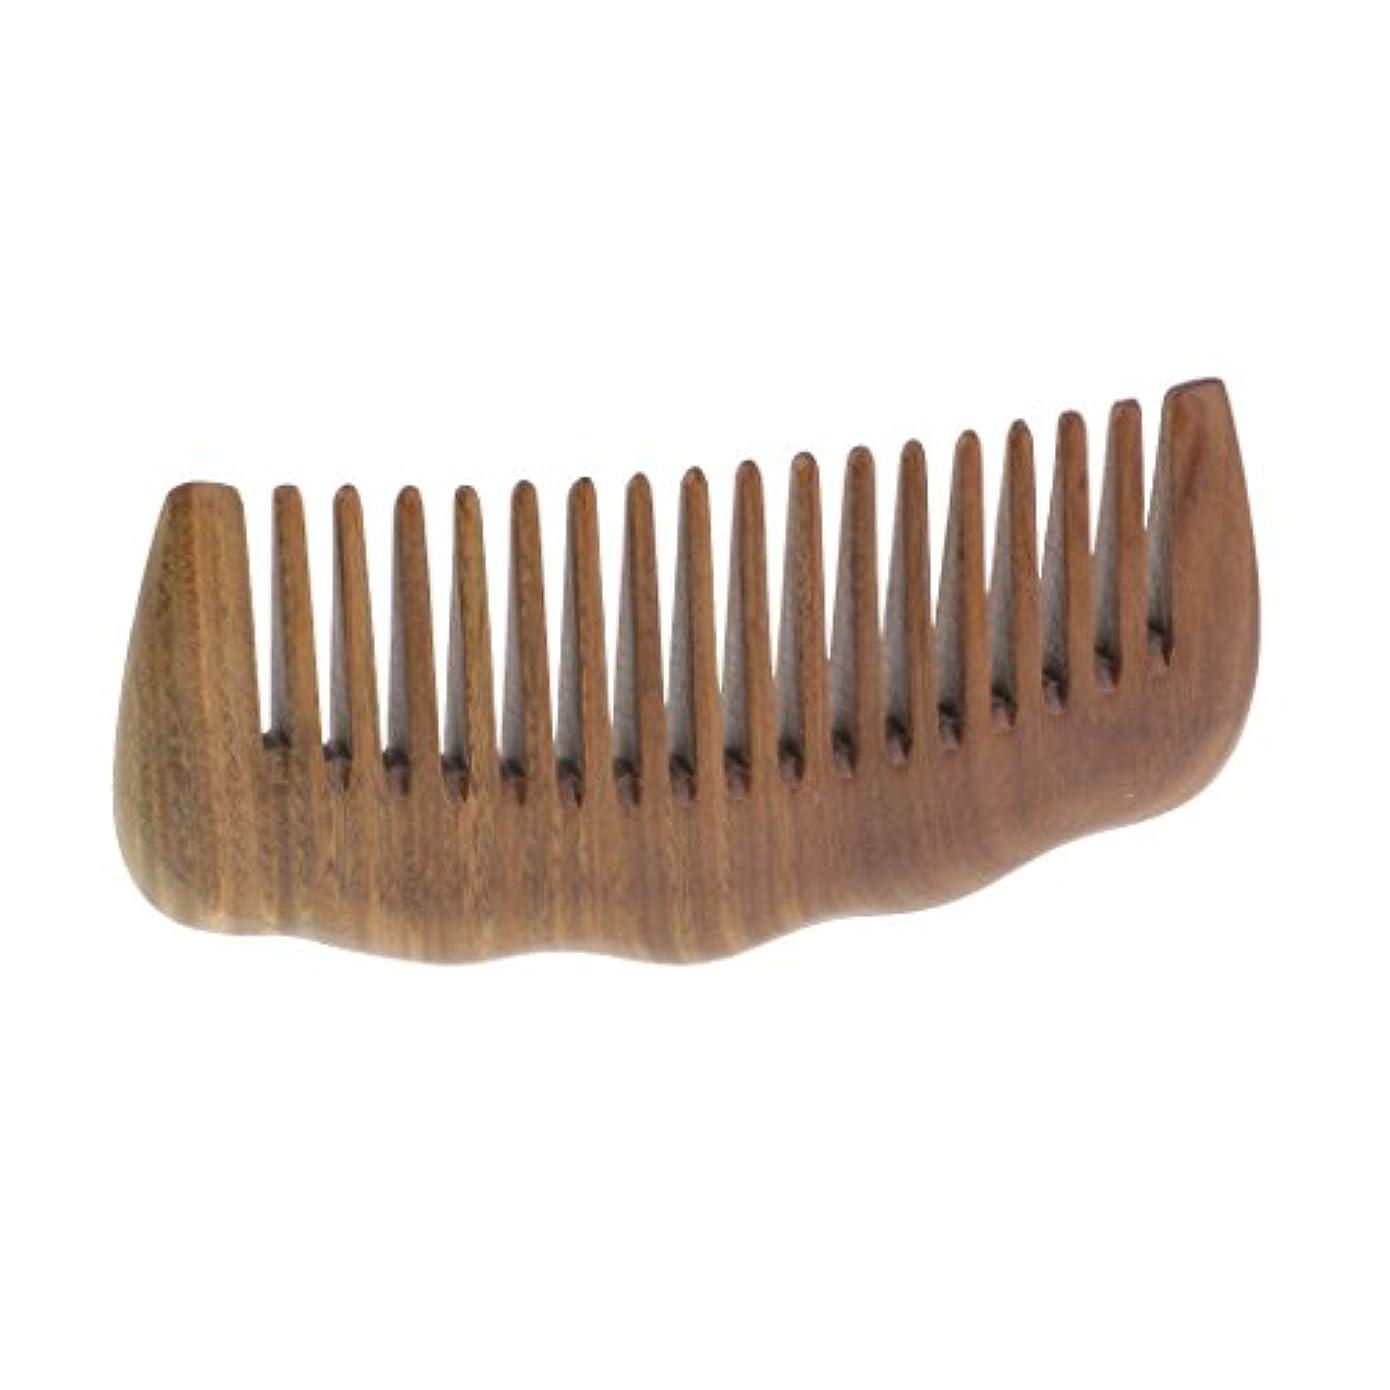 テレビ欠点裂け目Kesoto ウッドコーム 木製櫛 頭皮マッサージ 伝統工芸品 滑らか ヘアケア ナチュラルサンダルウッド 高品質